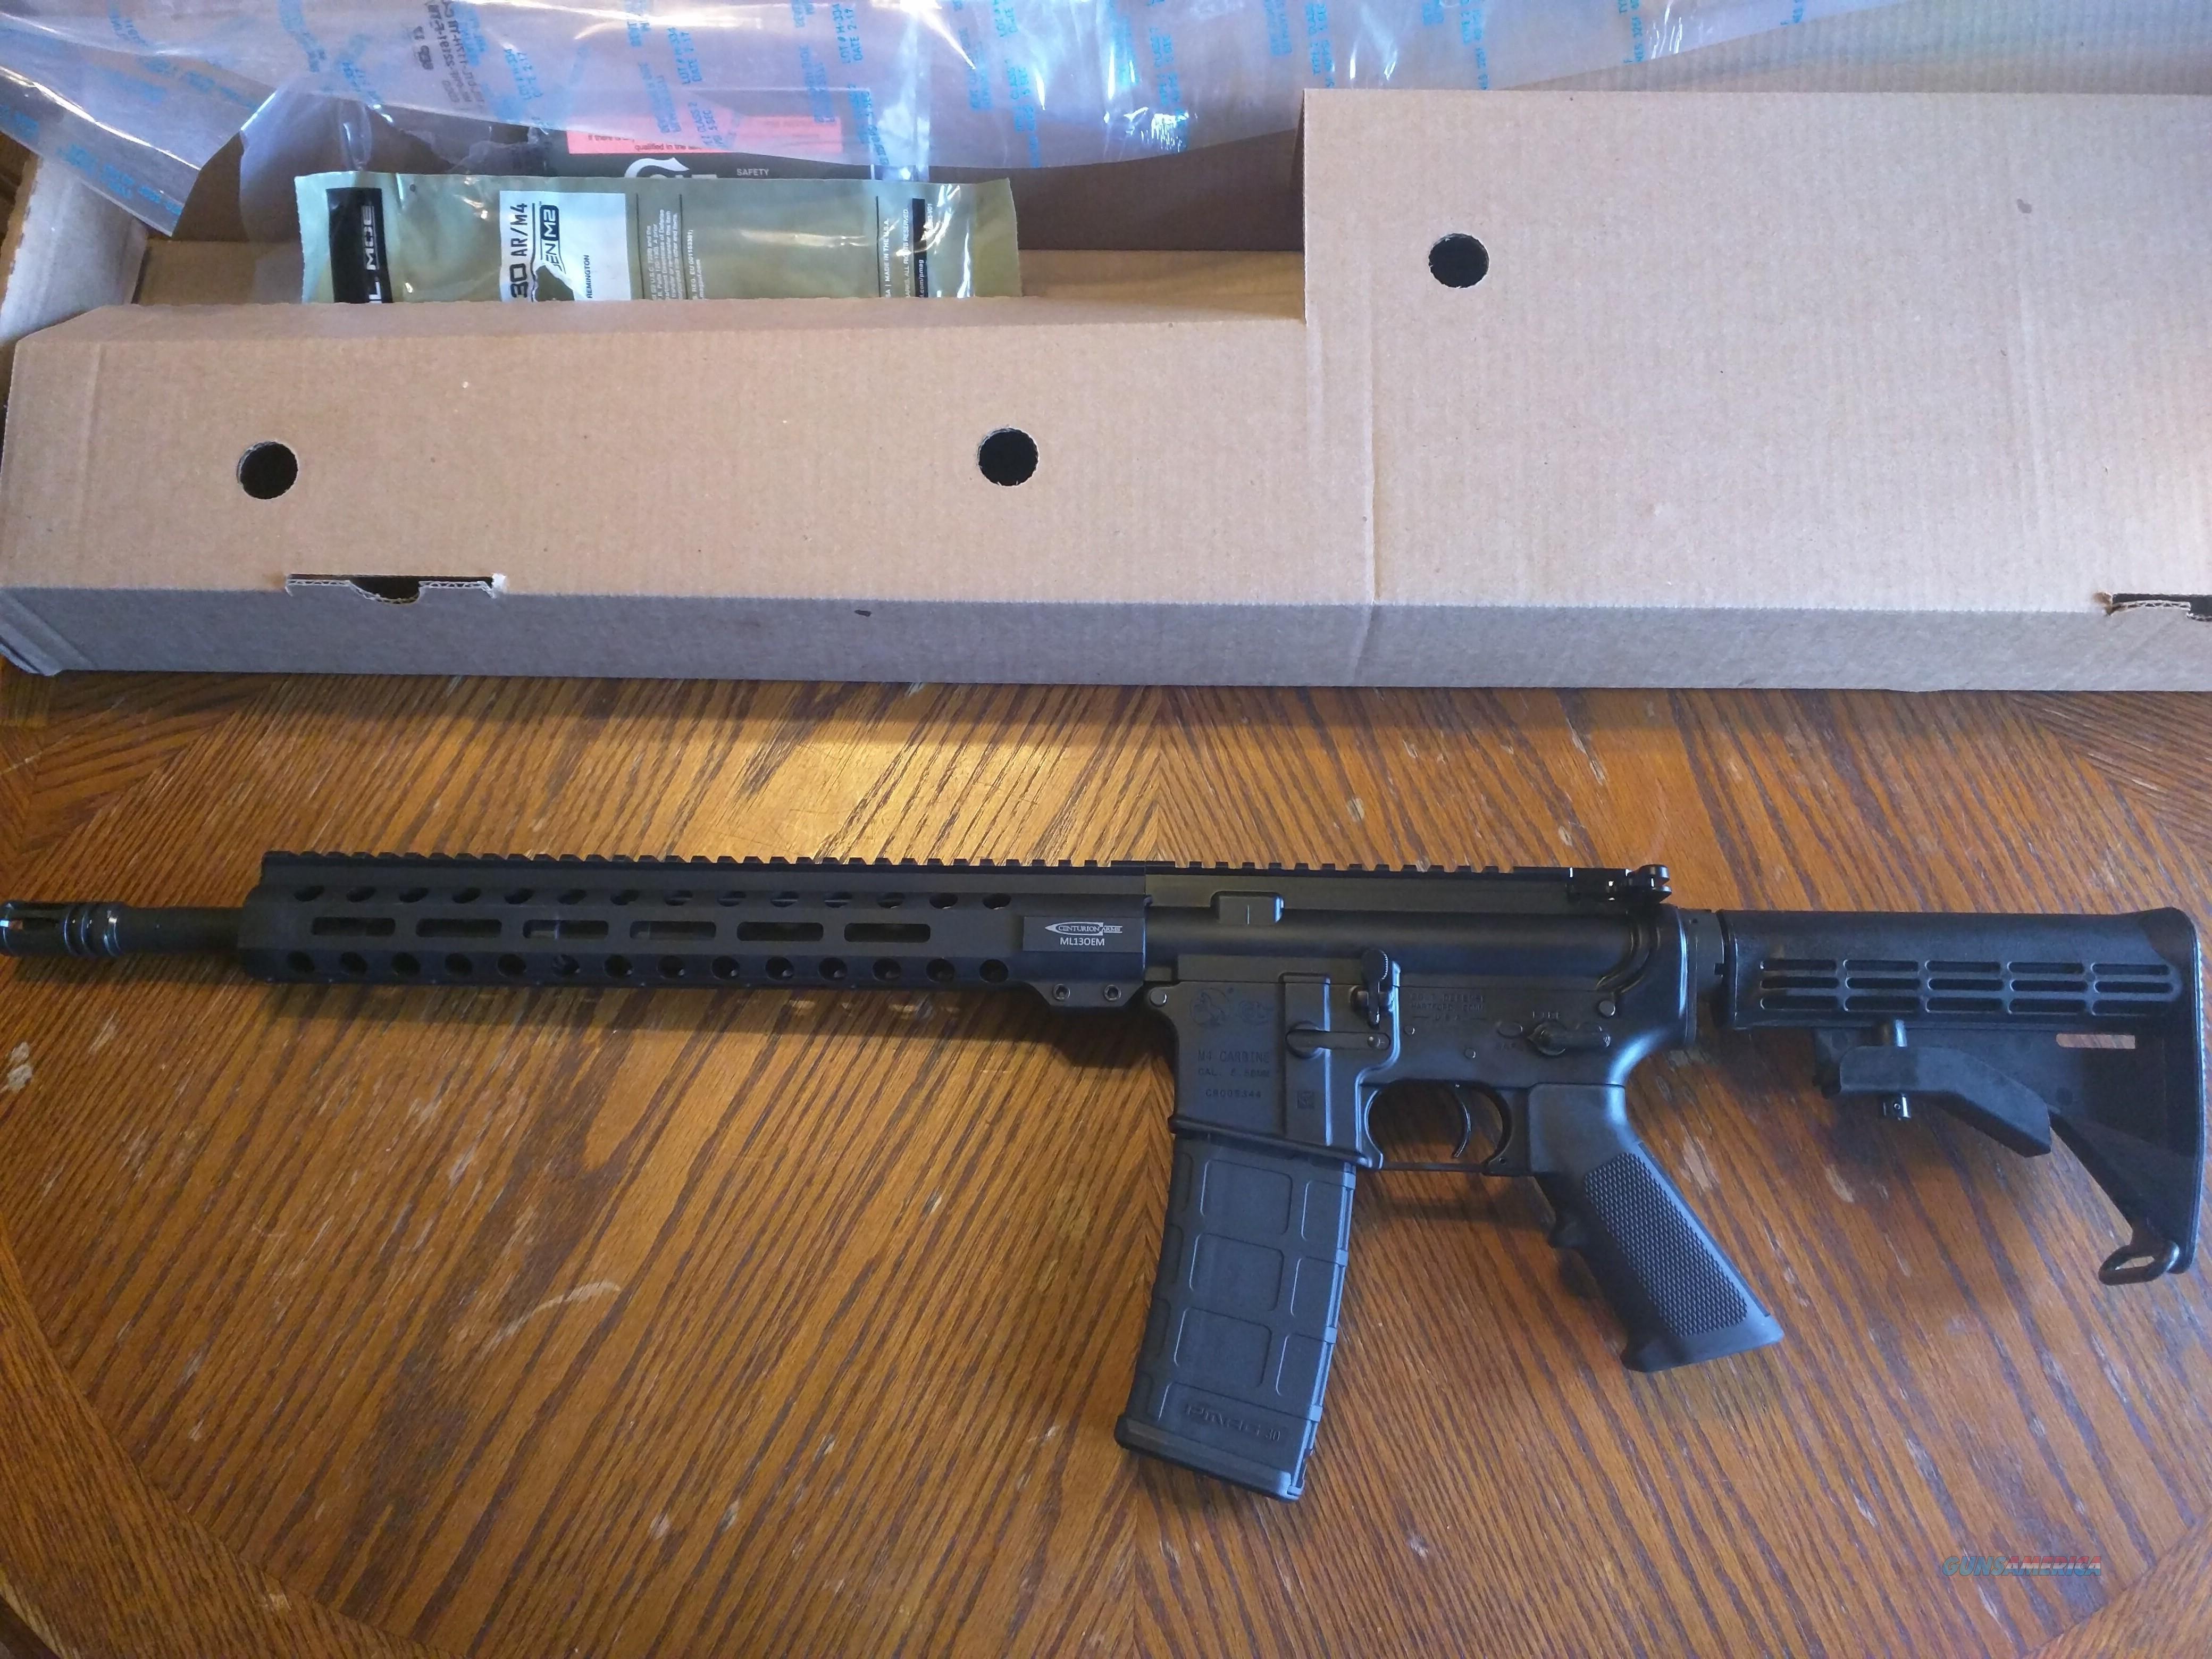 Colt AR15 AR 15 LE6920-R Trooper M4 Carbine 5 56/223 16